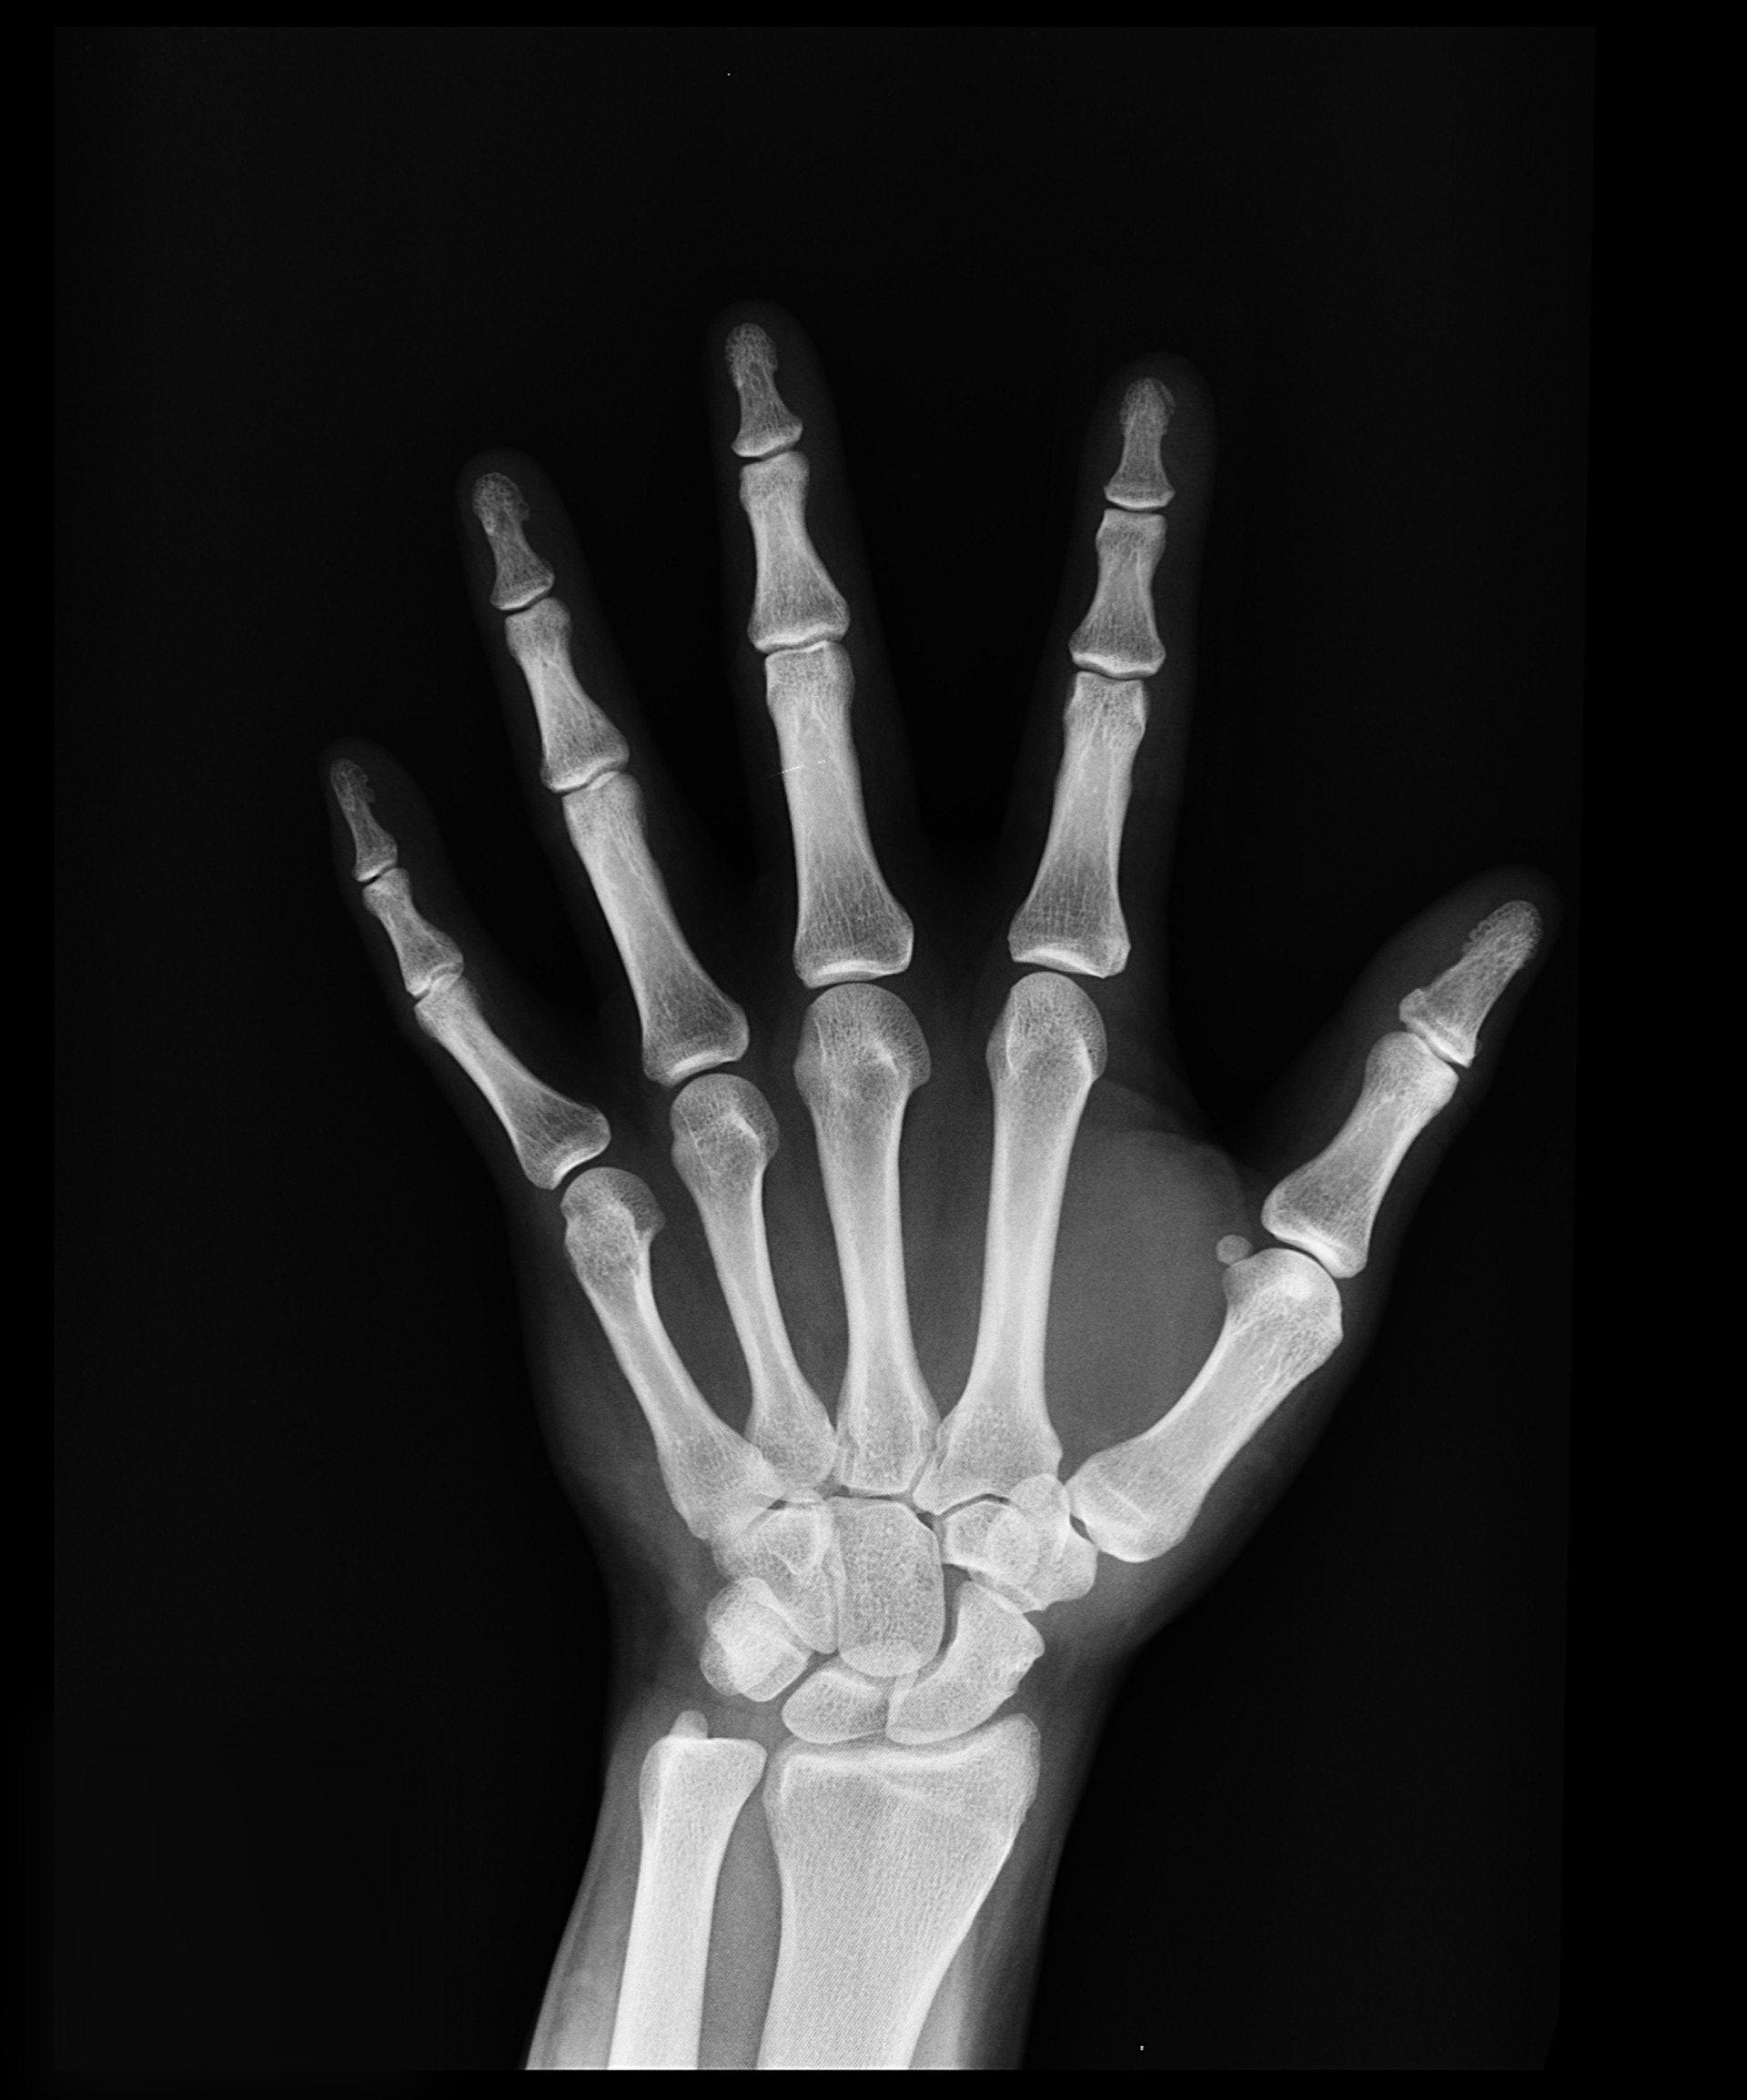 Röntgenfoto-Faultierblog.jpeg